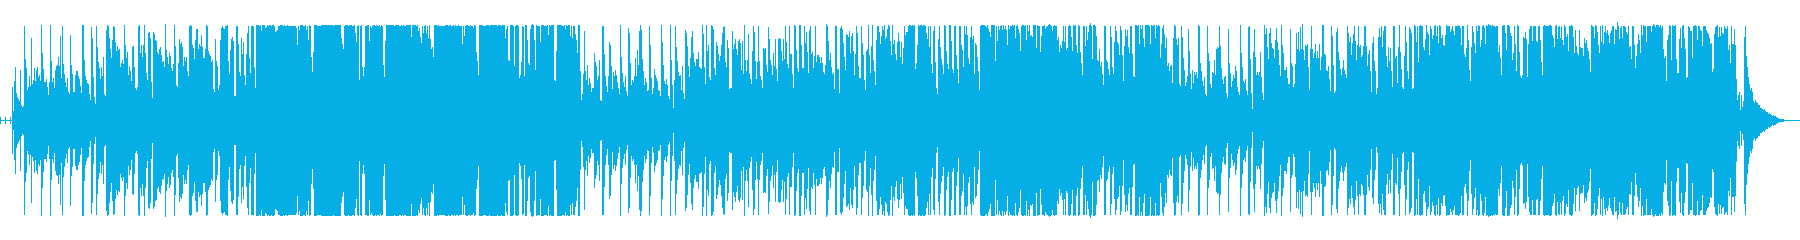 お洒落なバーにおすすめのJazz風BGMの再生済みの波形